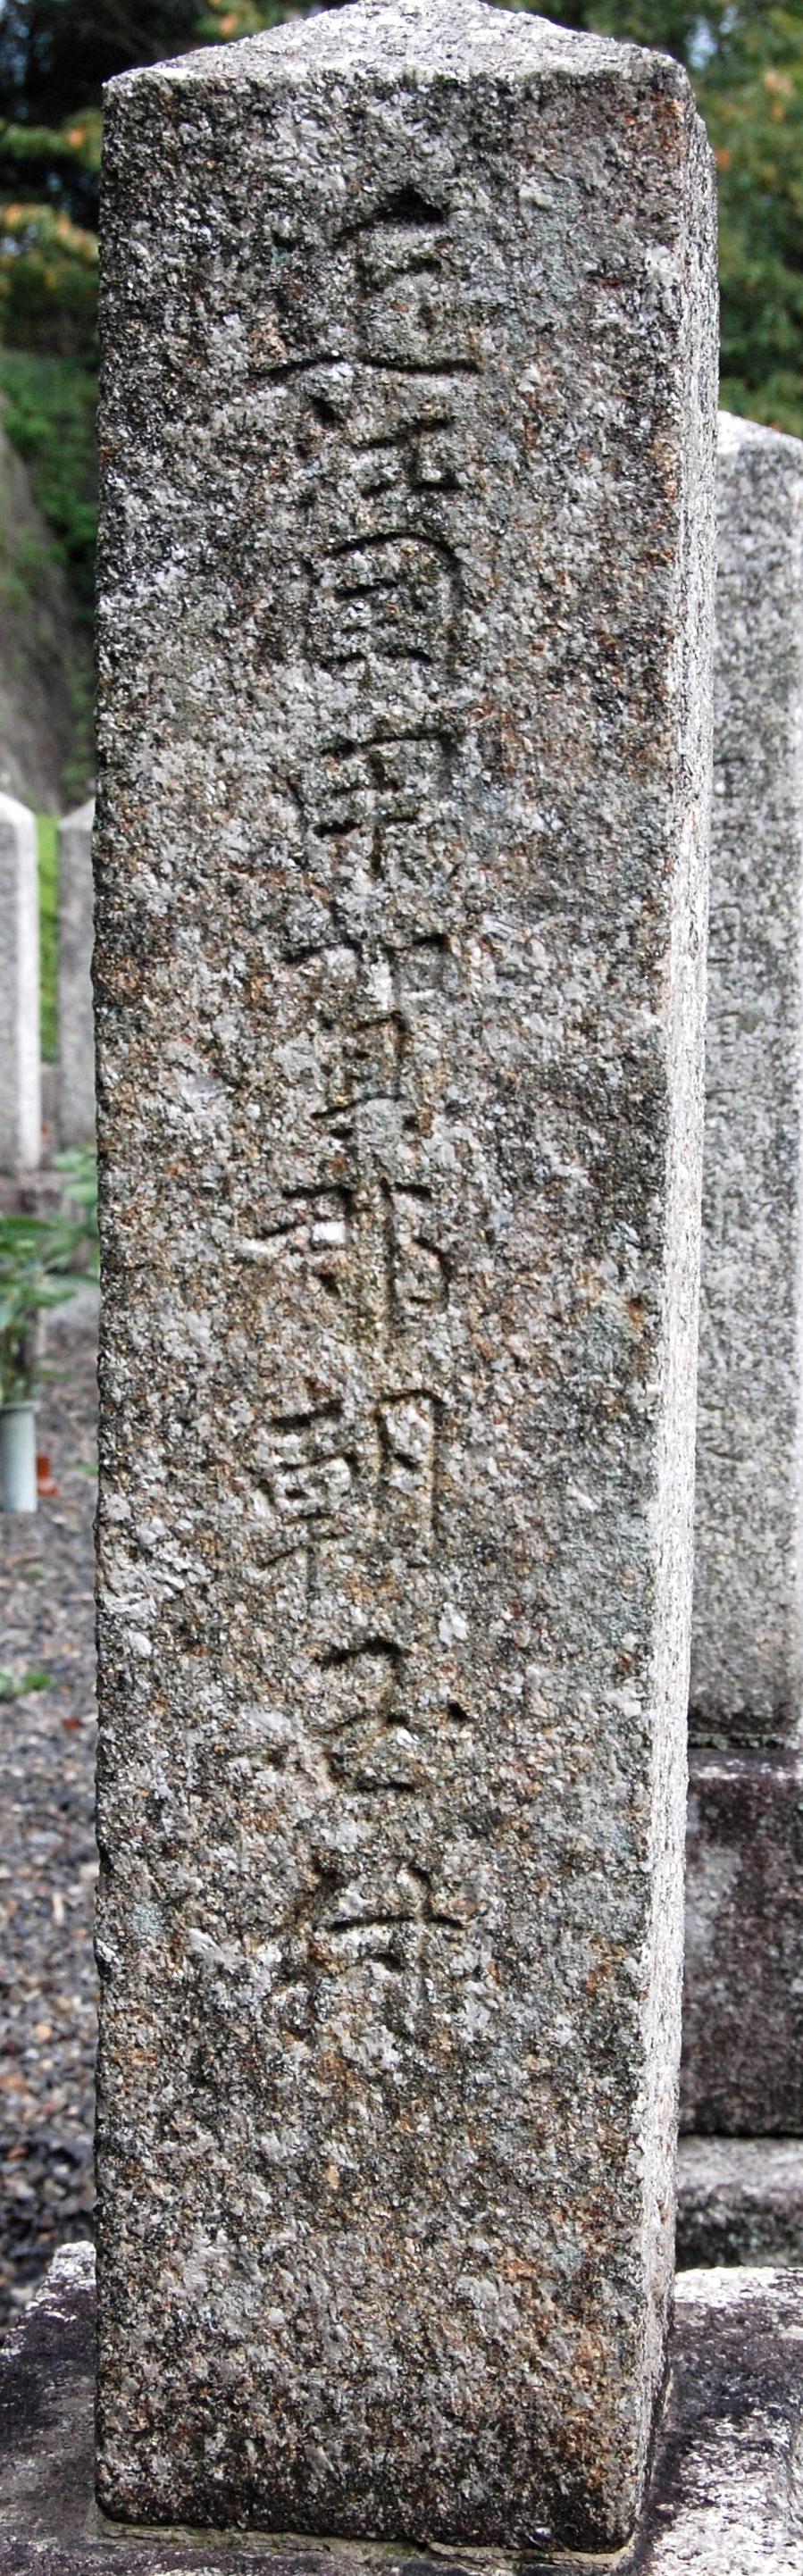 坂幸治郎の墓碑の左側面:出身地のみが刻まれています